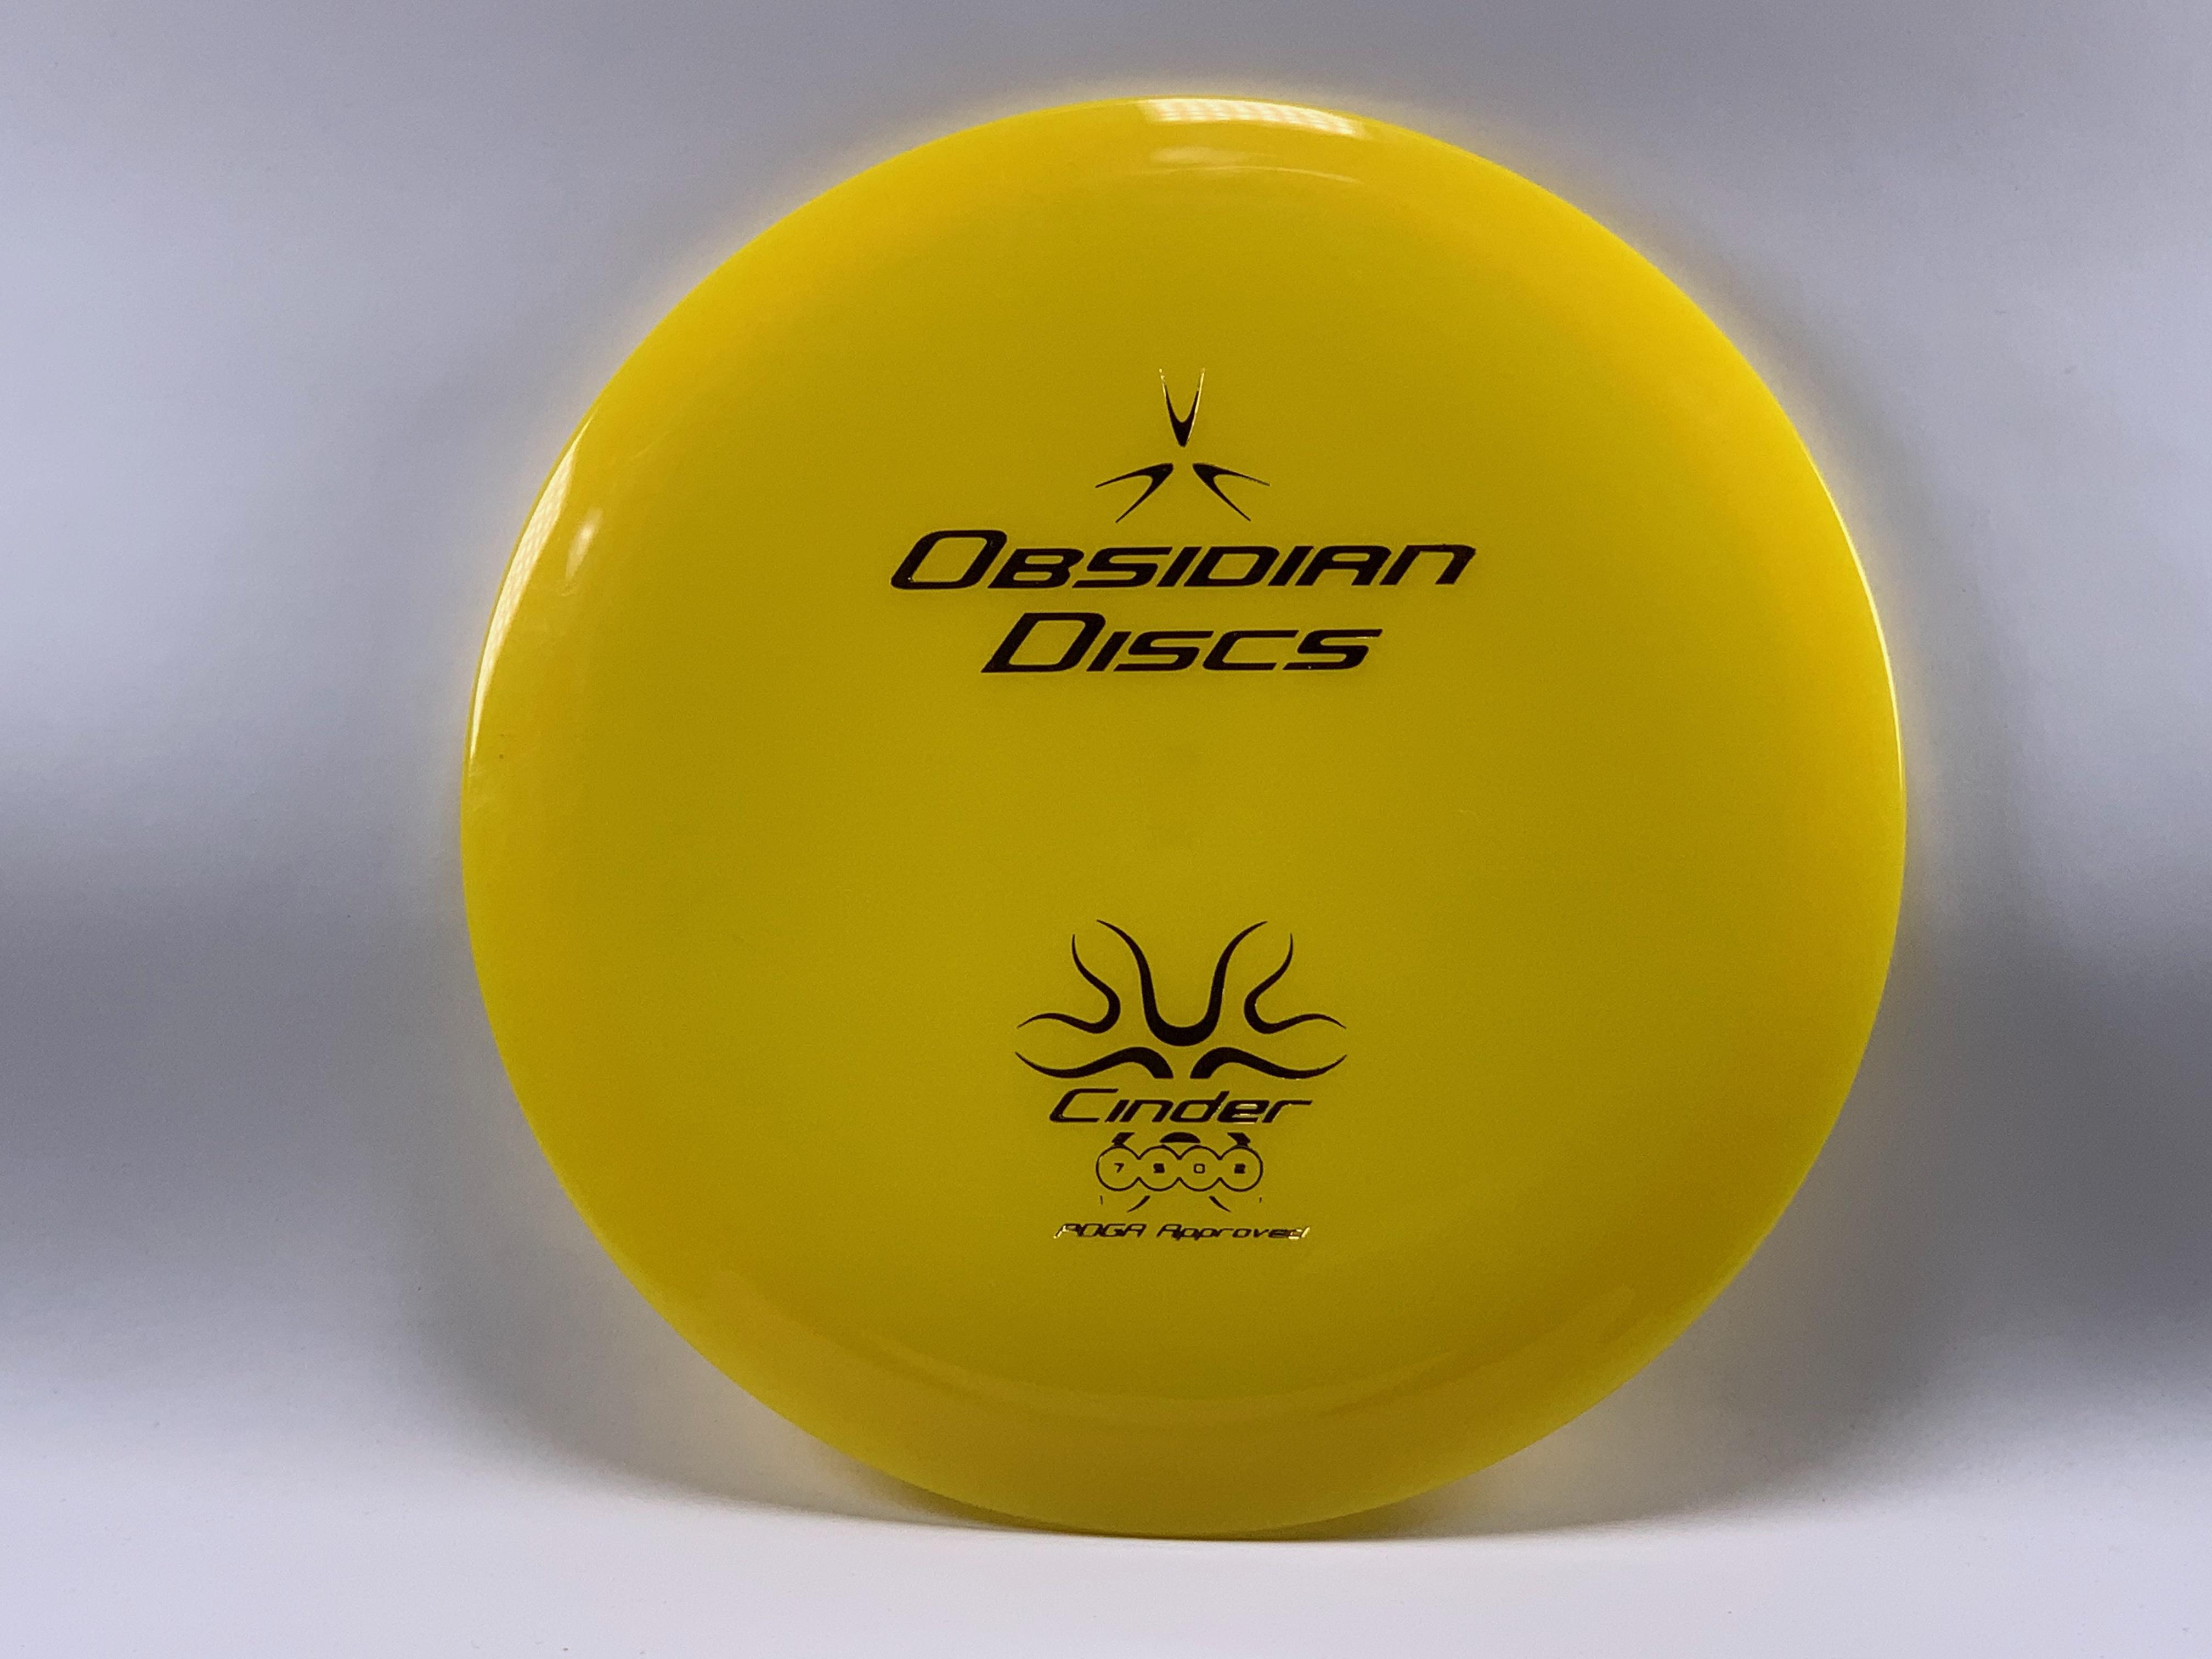 Obsidian Discs Cinder